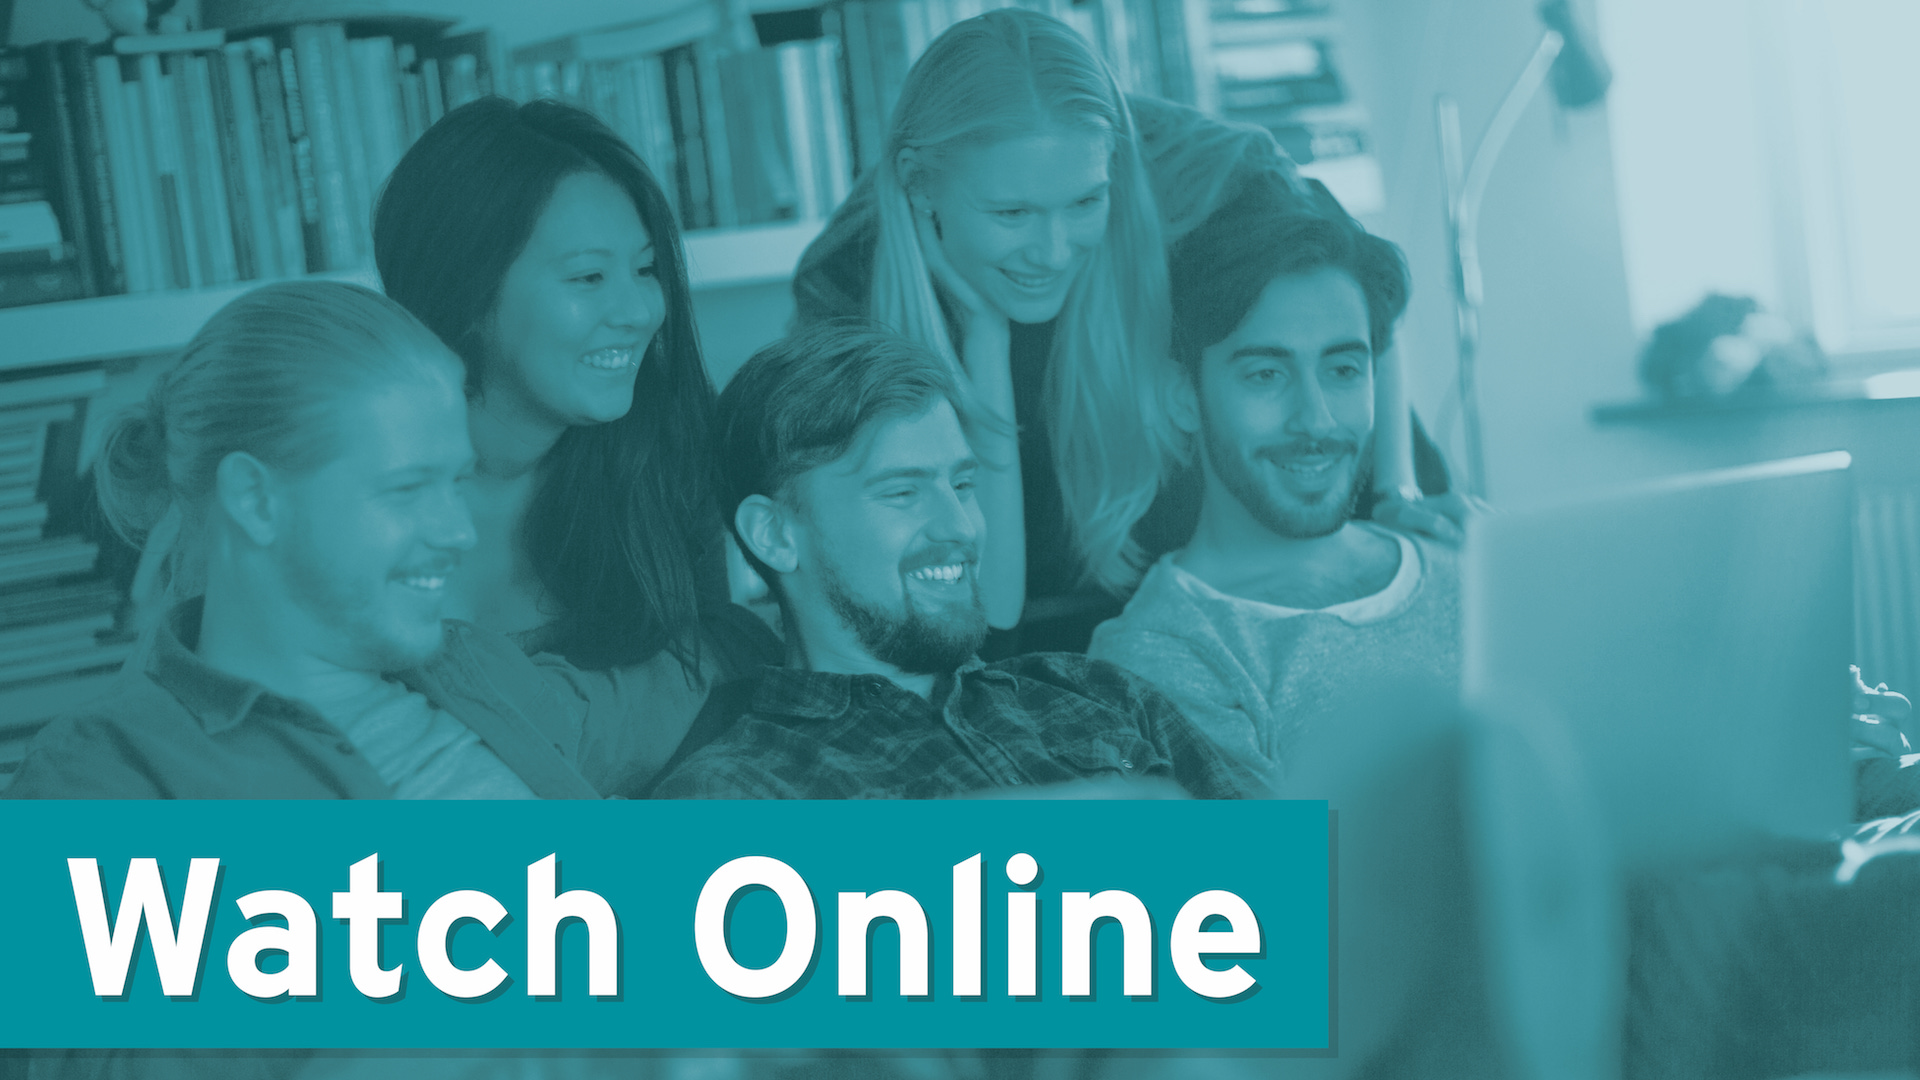 Watch Online Button